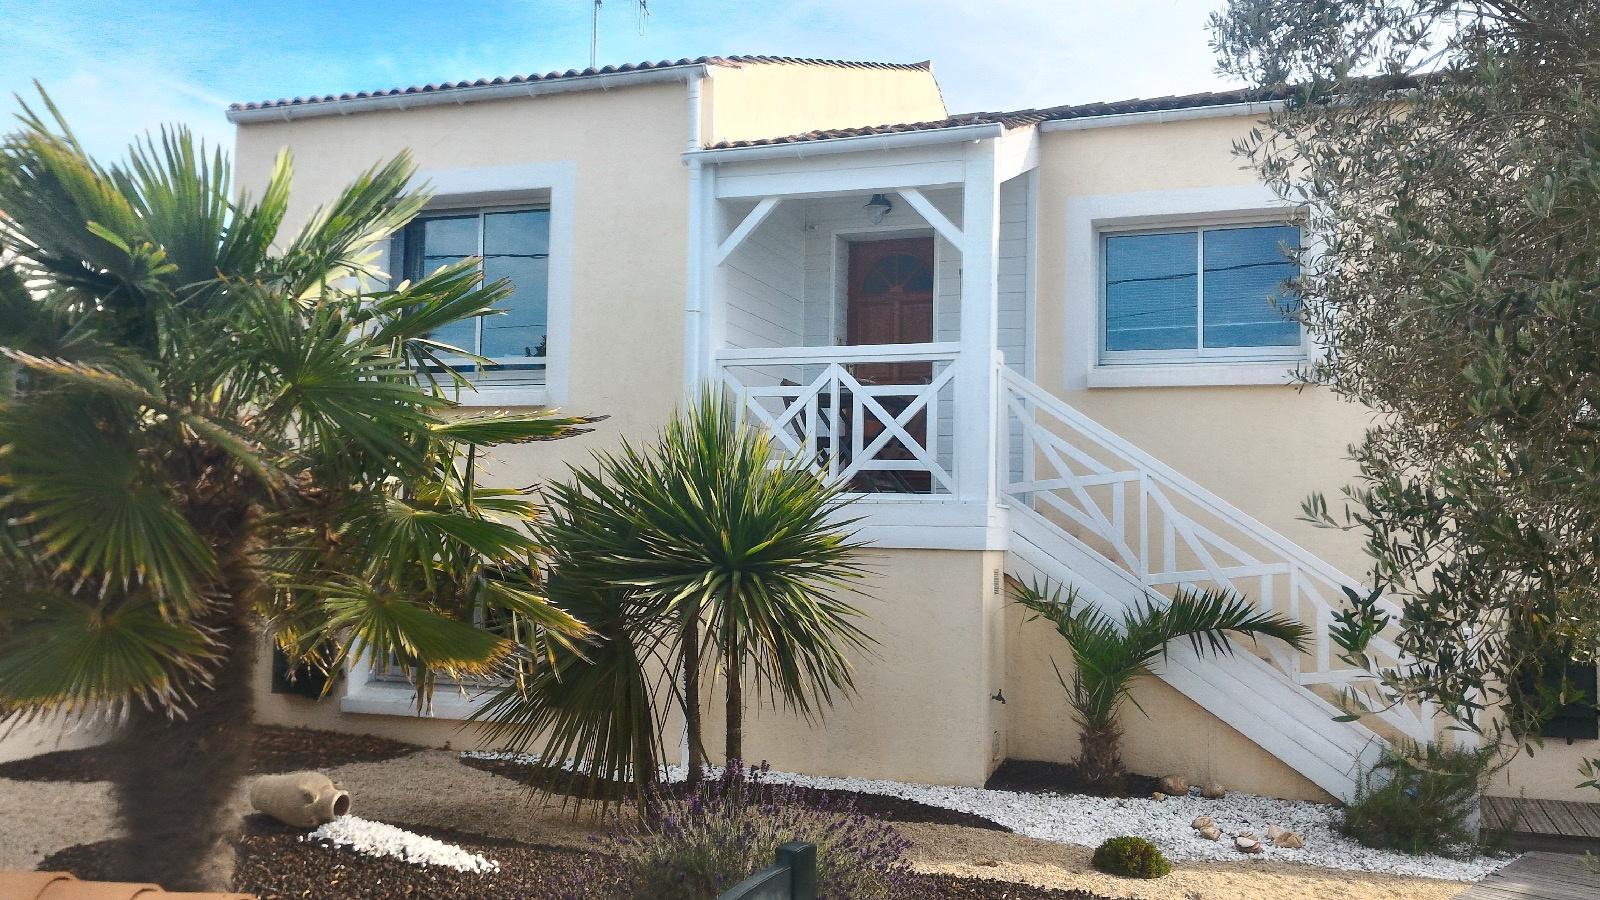 Annonce vente maison 230 m 410 000 992738487265 for Maison avec 5 chambres